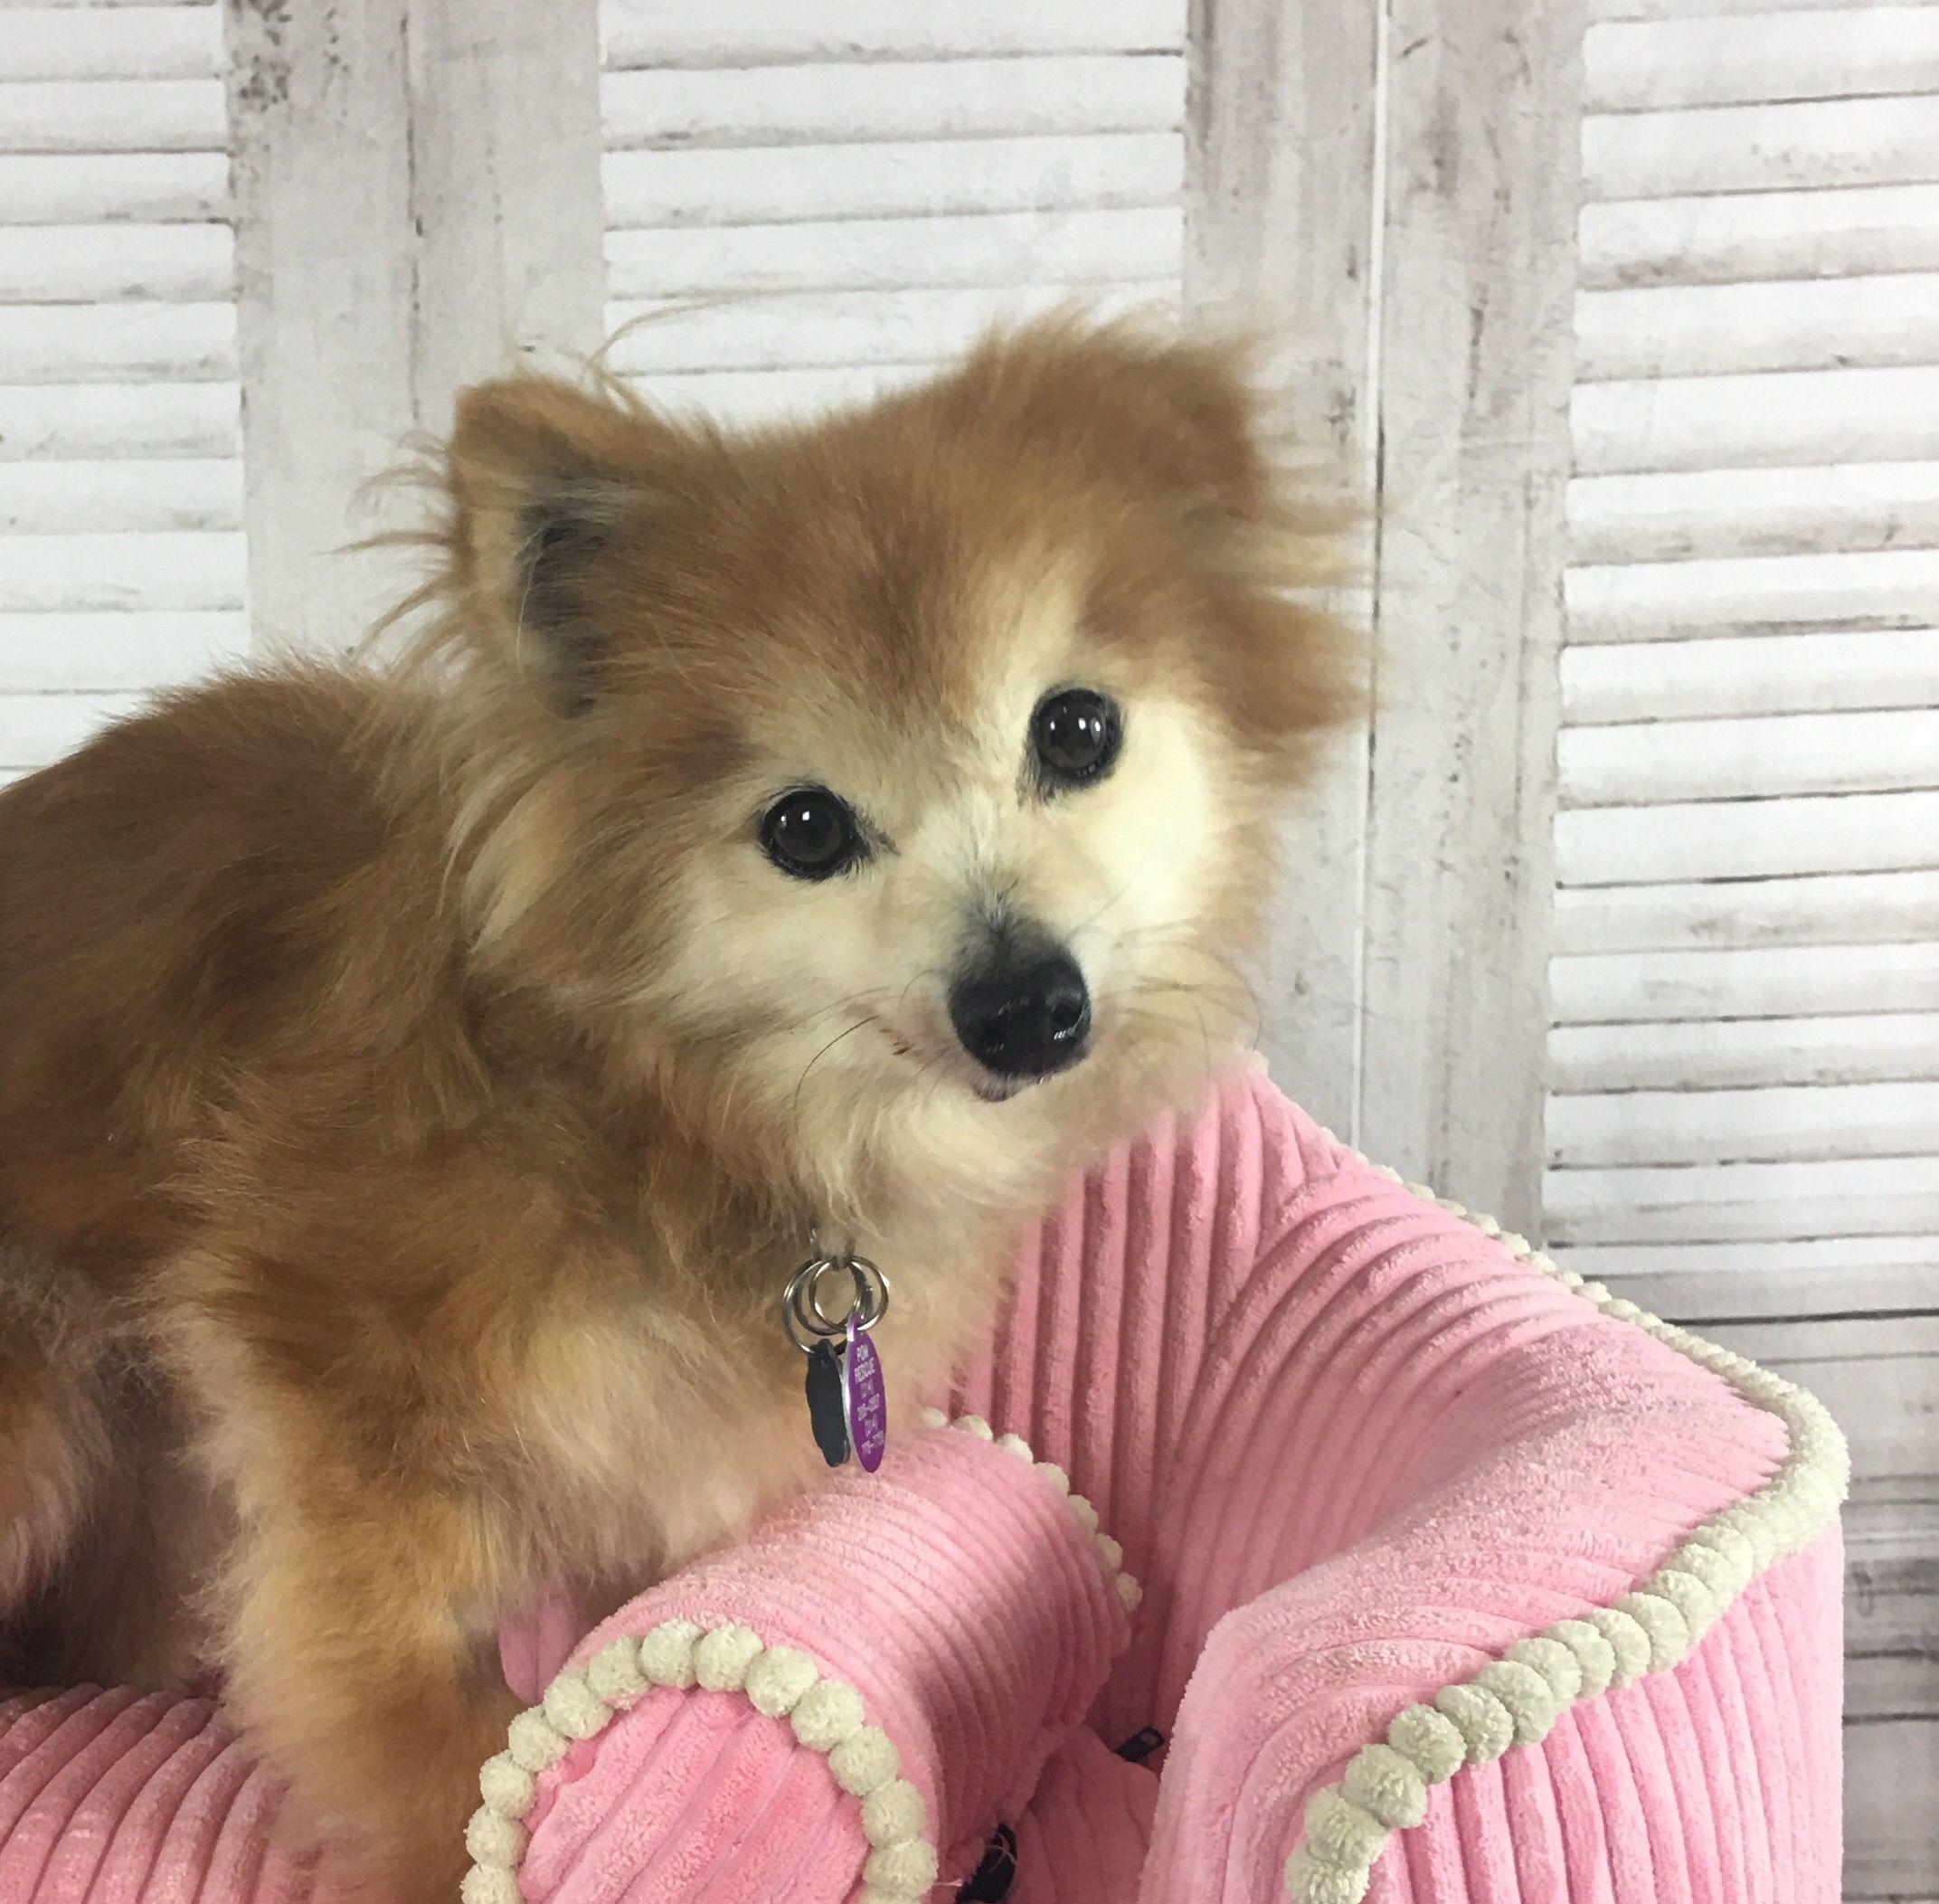 Pomeranian Dog For Adoption In Garland Tx Adn 695024 On Puppyfinder Com Gender Female Age Senio Pomeranian Dog For Pomeranian Dog Dog Trends Dog Adoption